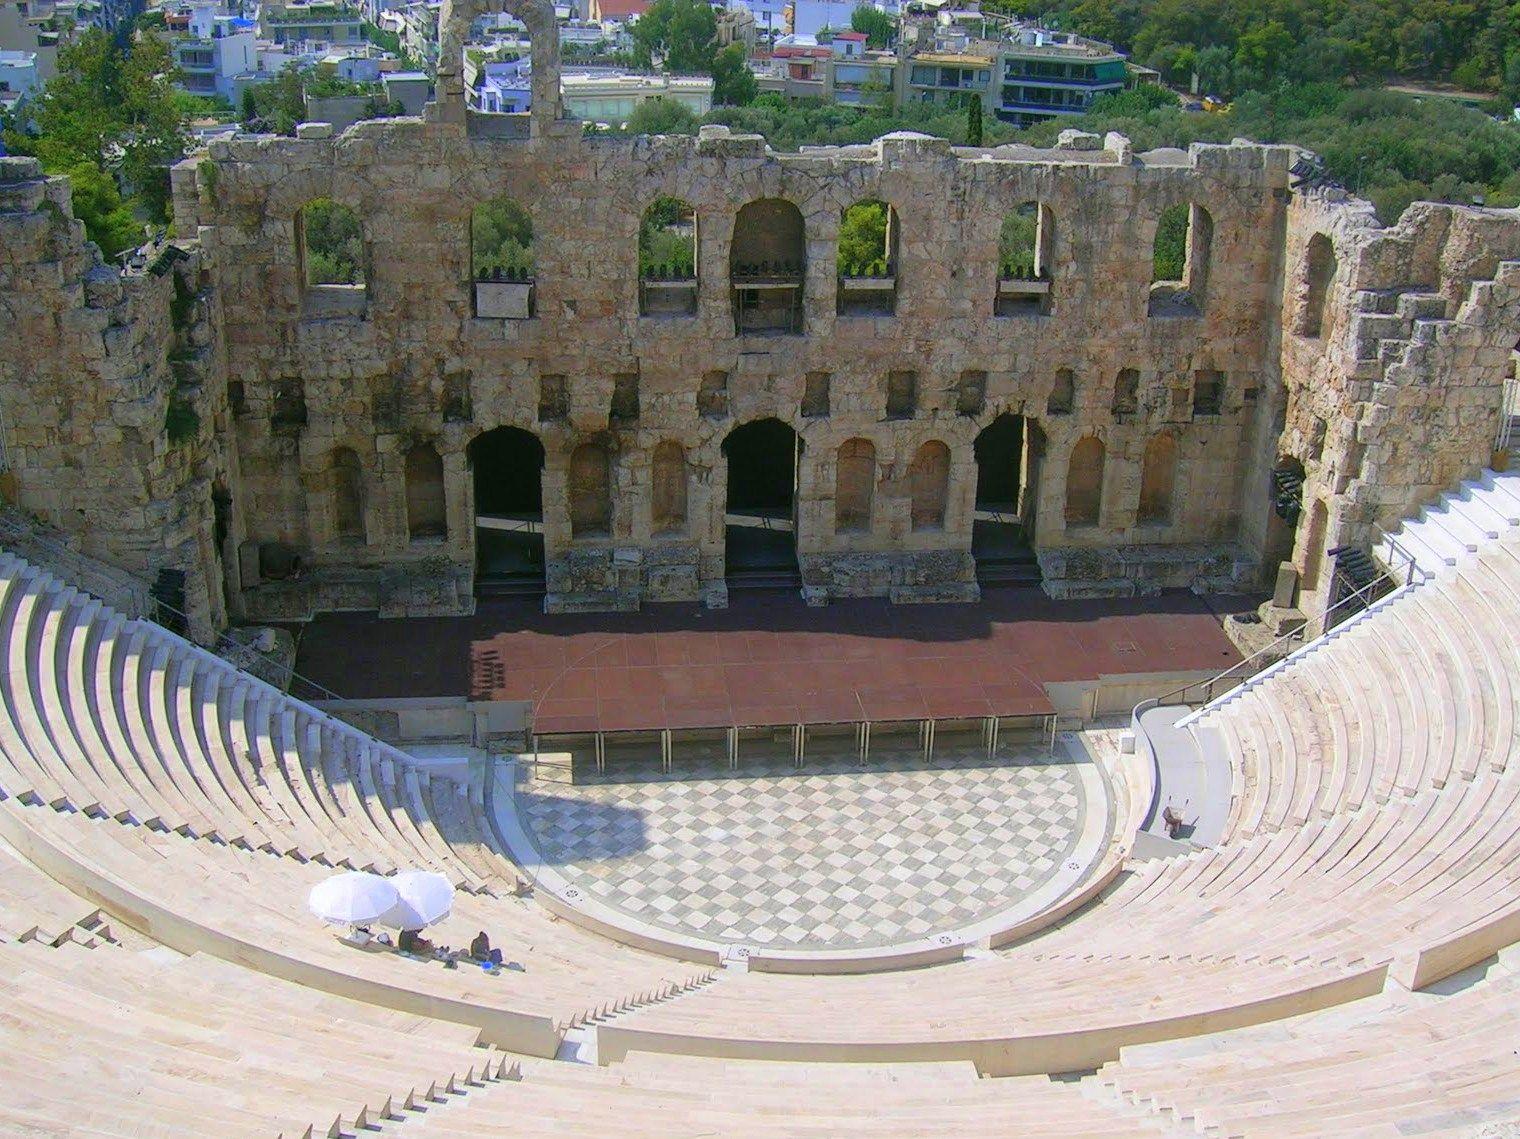 Teatro de Dionisio, El teatro nació en Atenas, Grecia, entre los siglos V y VI aC. Allí, los atenienses celebraban los ritos en honor a Dionisio, dios del vino y de la vegetación.